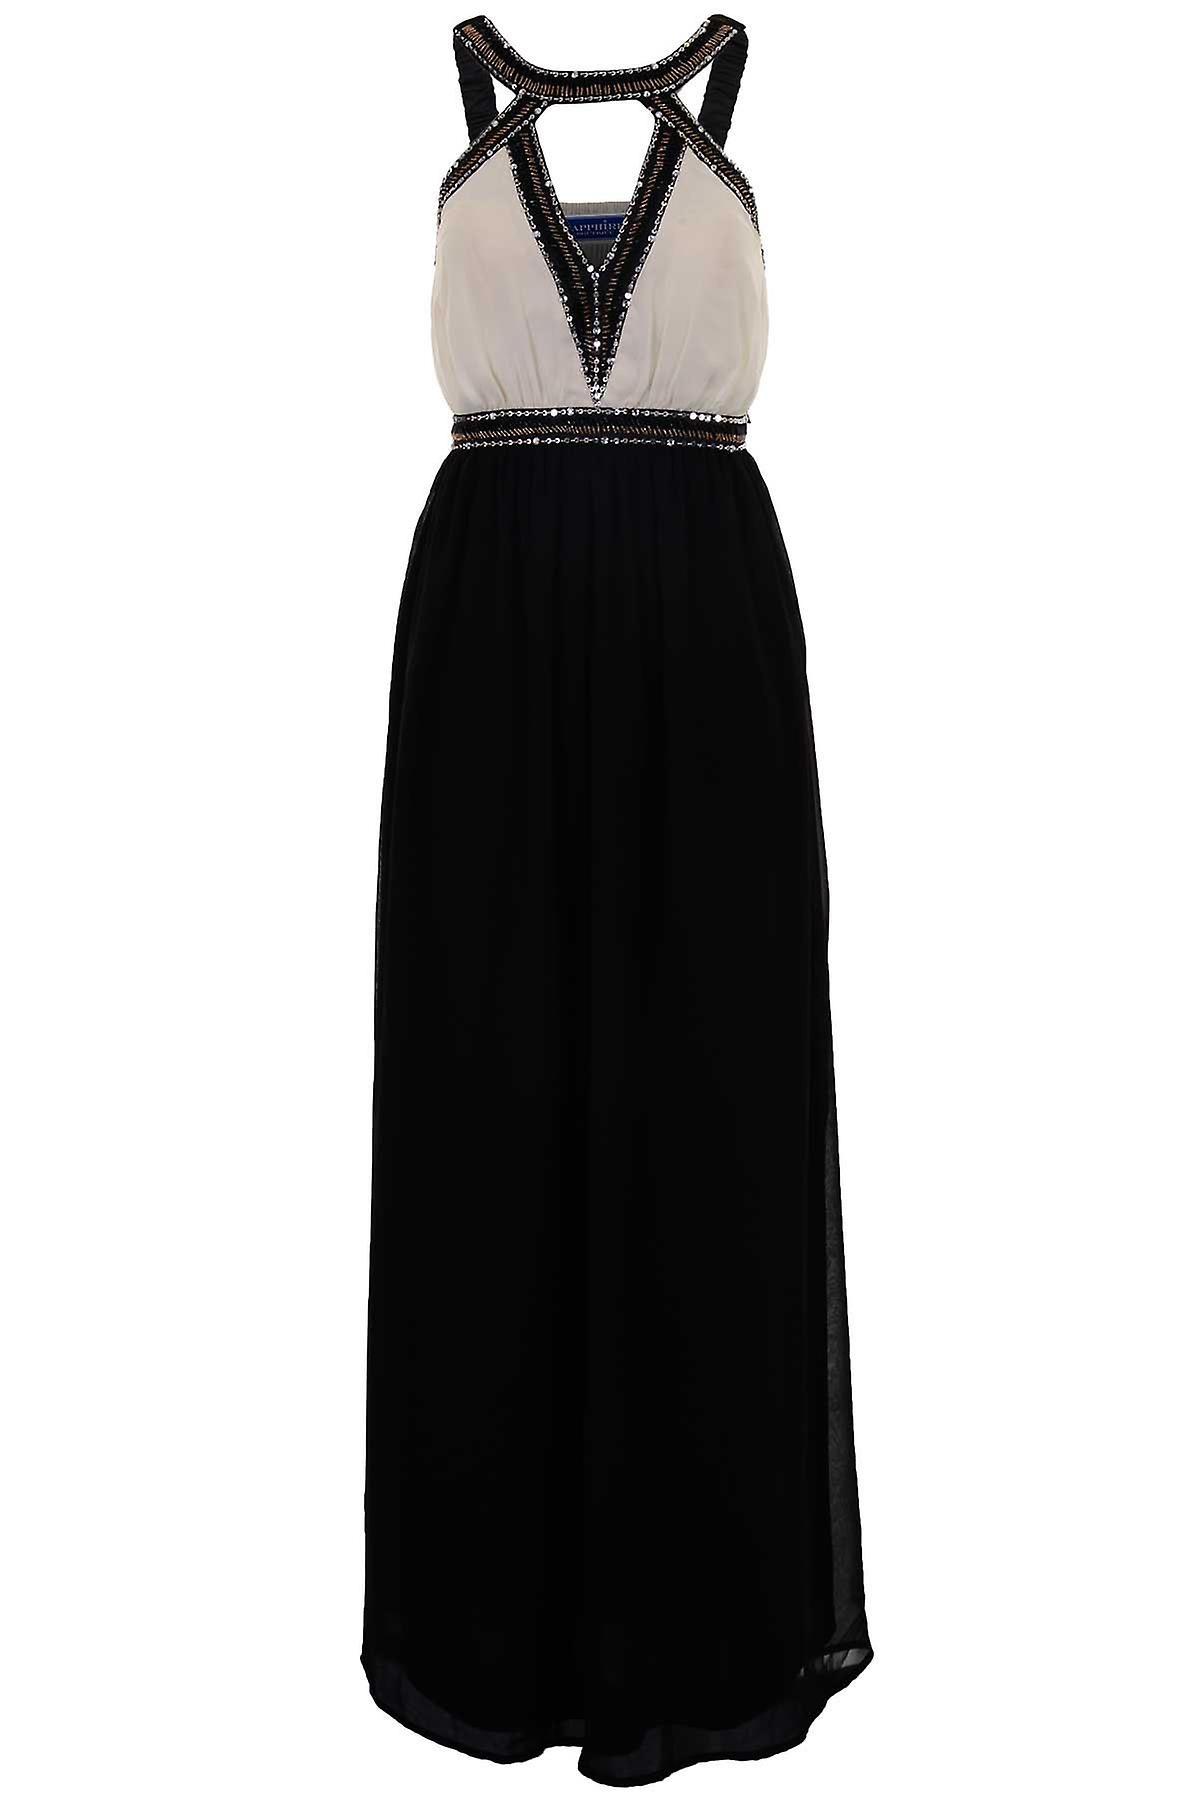 Hyvät pehmustettu leikata V kaula-aukko Sifonki vuorattu helmillä naisten pitkä Maxi mekko